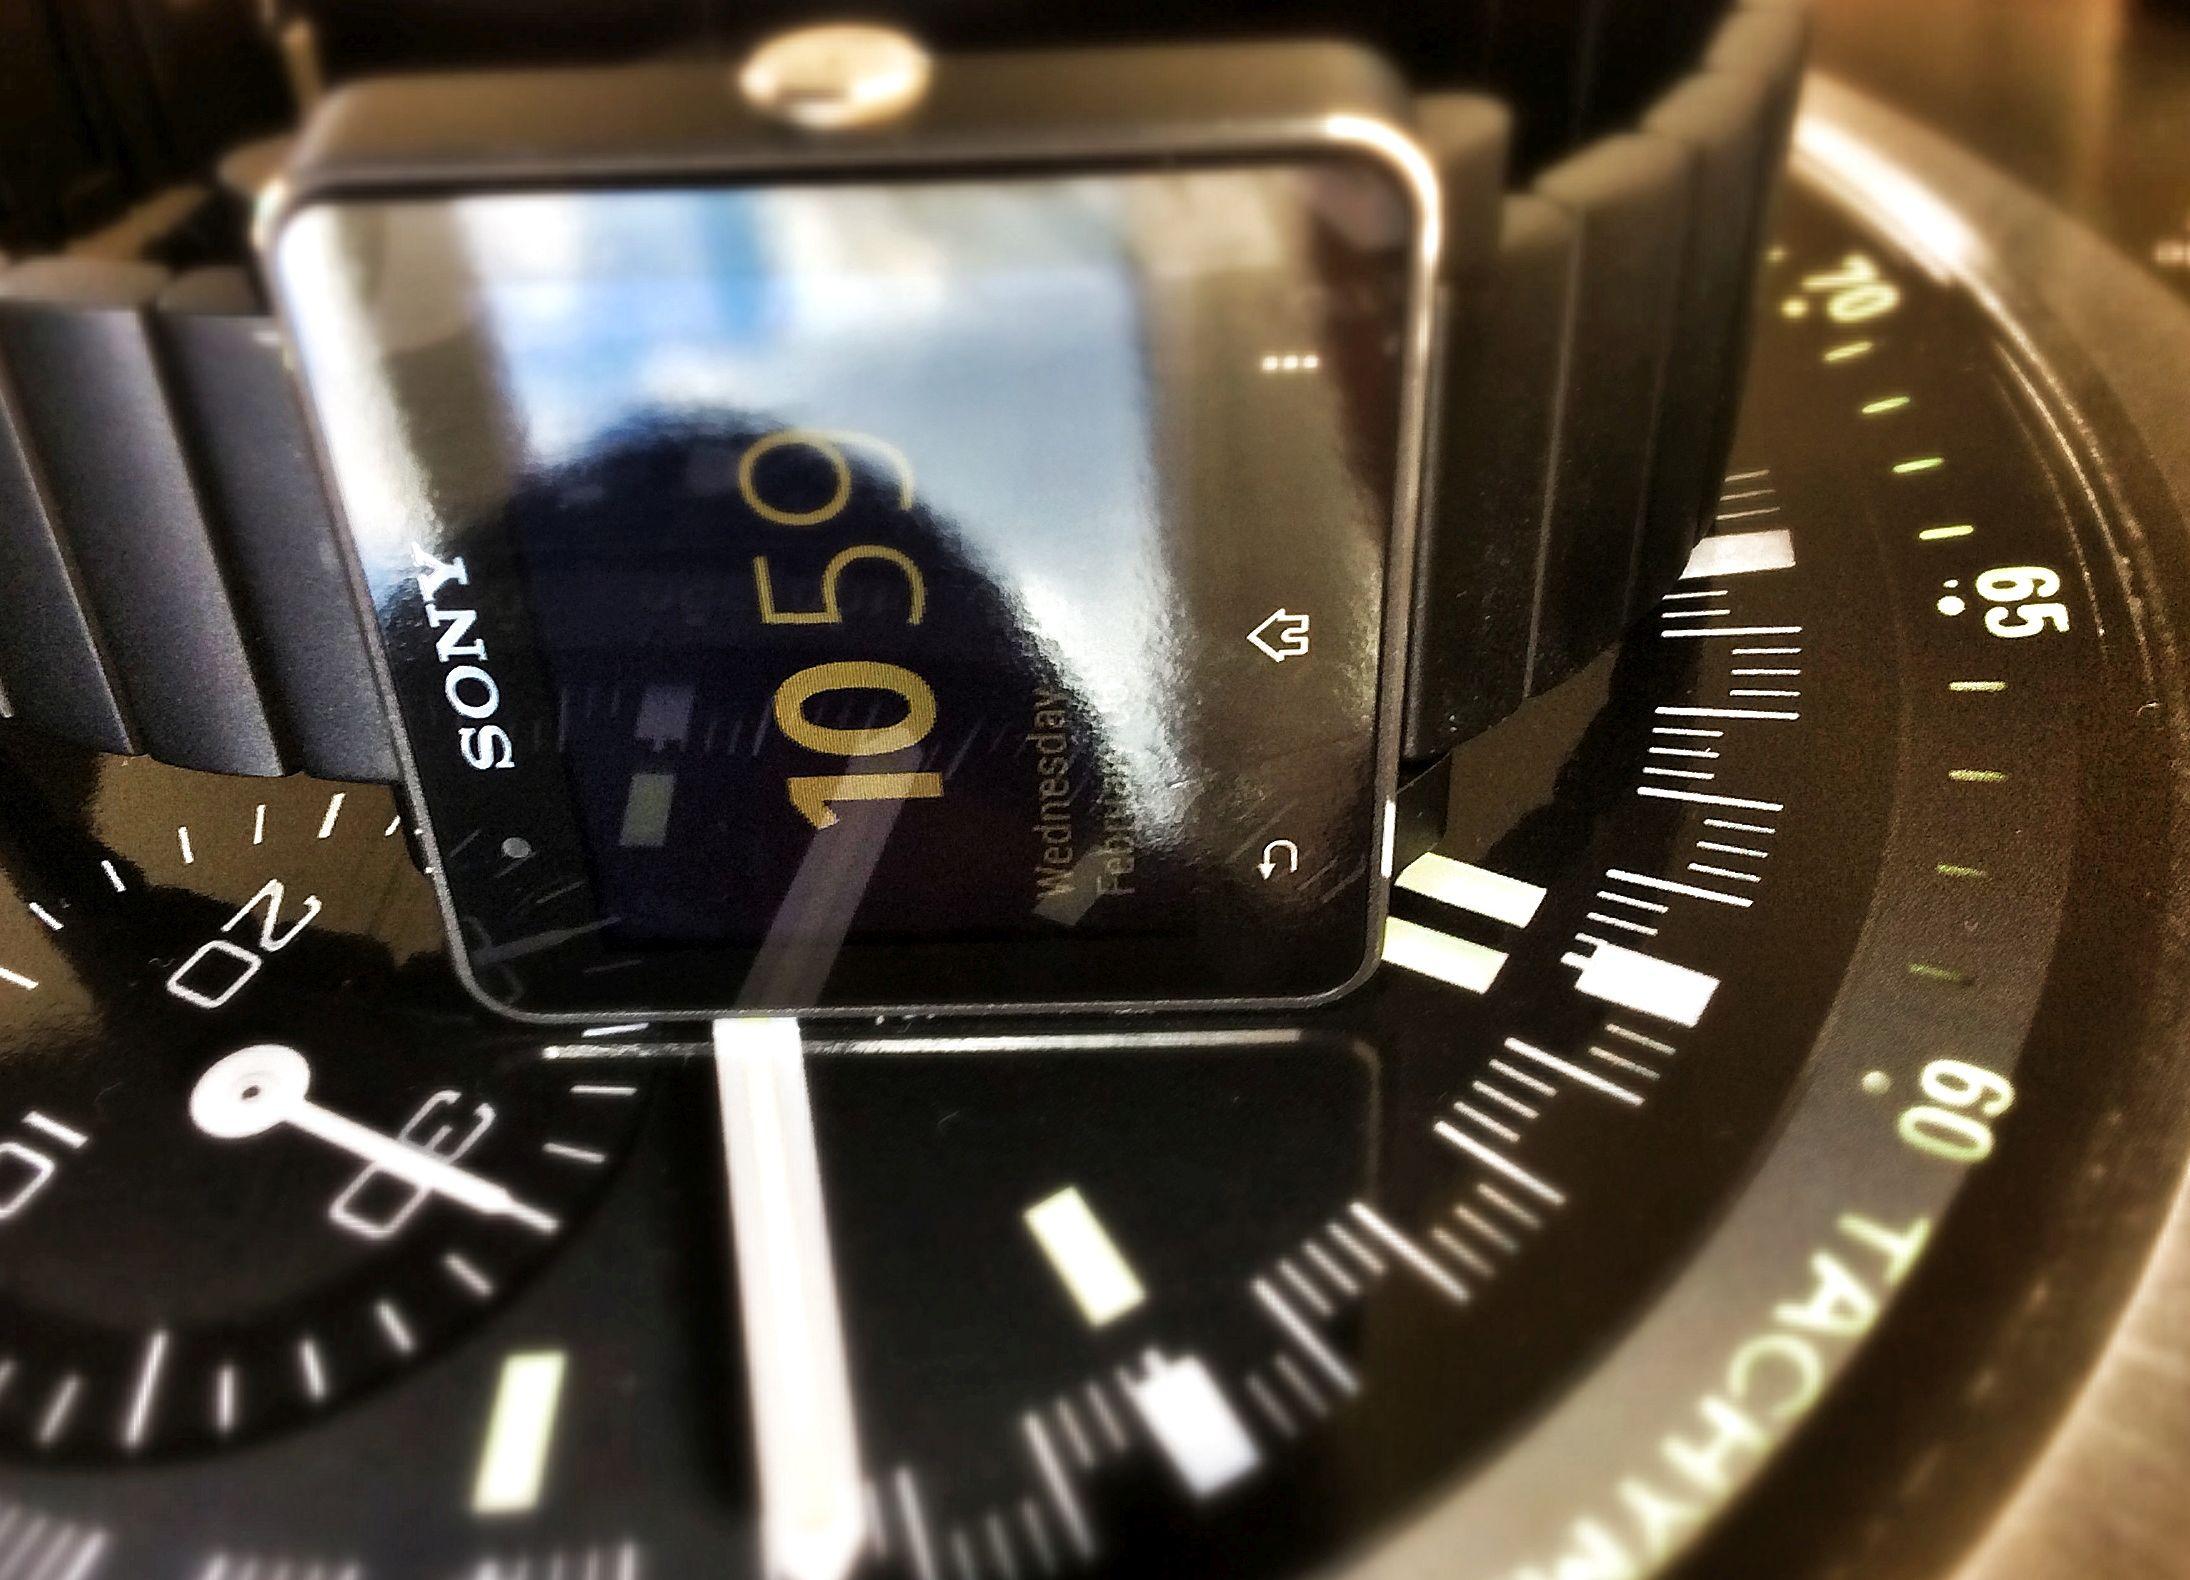 Sony SmartWatch 2 - Dial